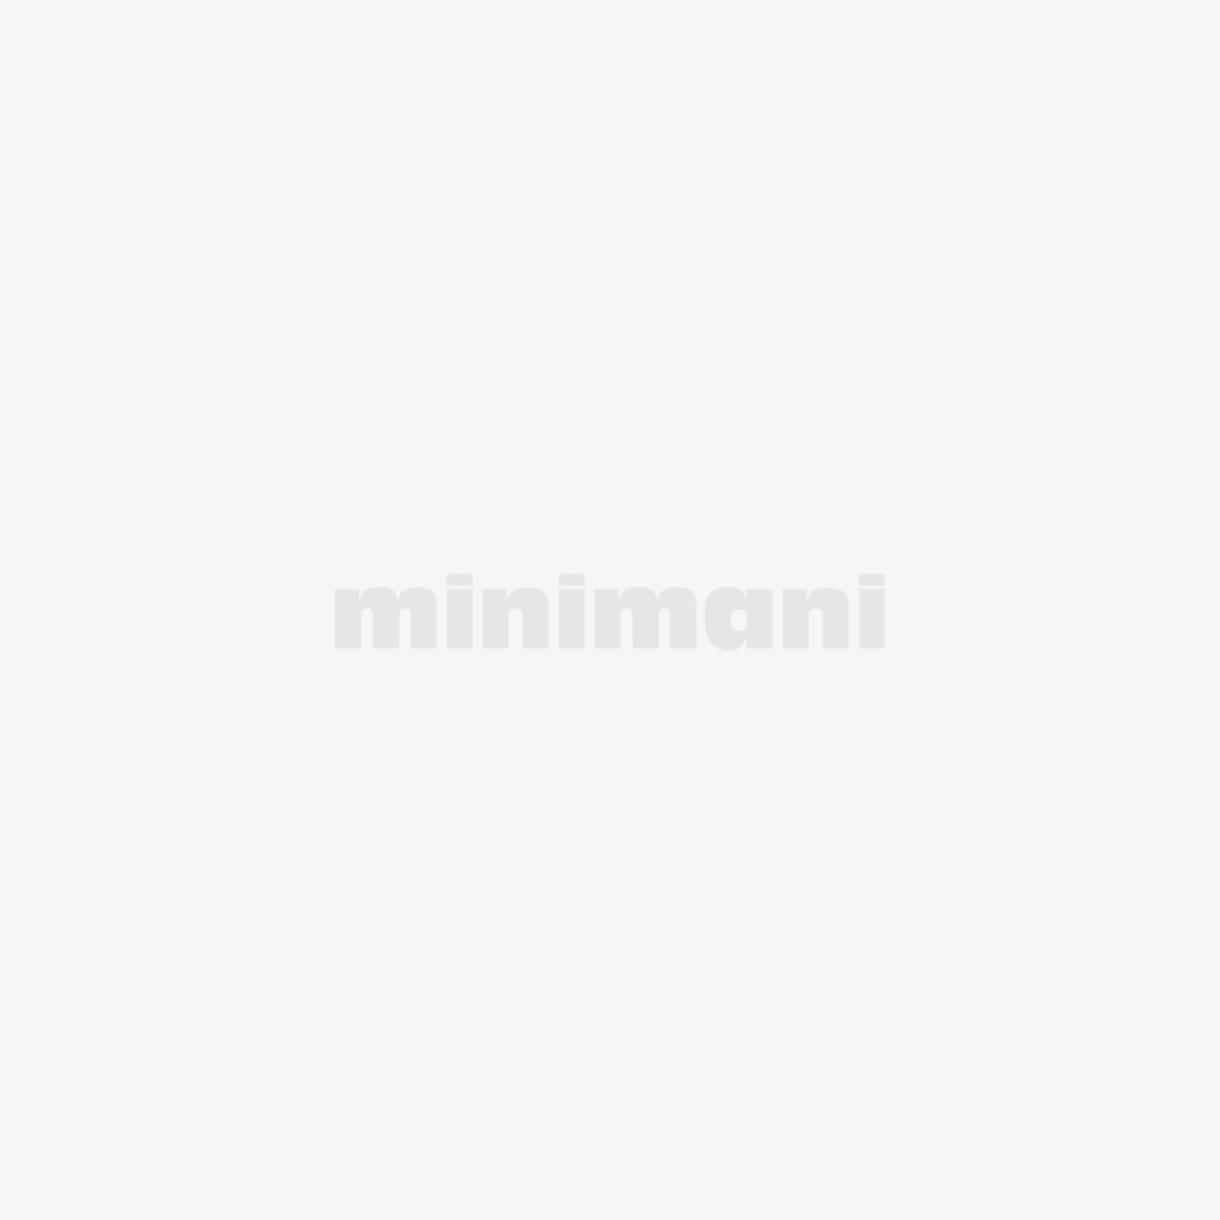 Finlayson käsipyyhe 50x70cm, Reiluraita harmaa/musta